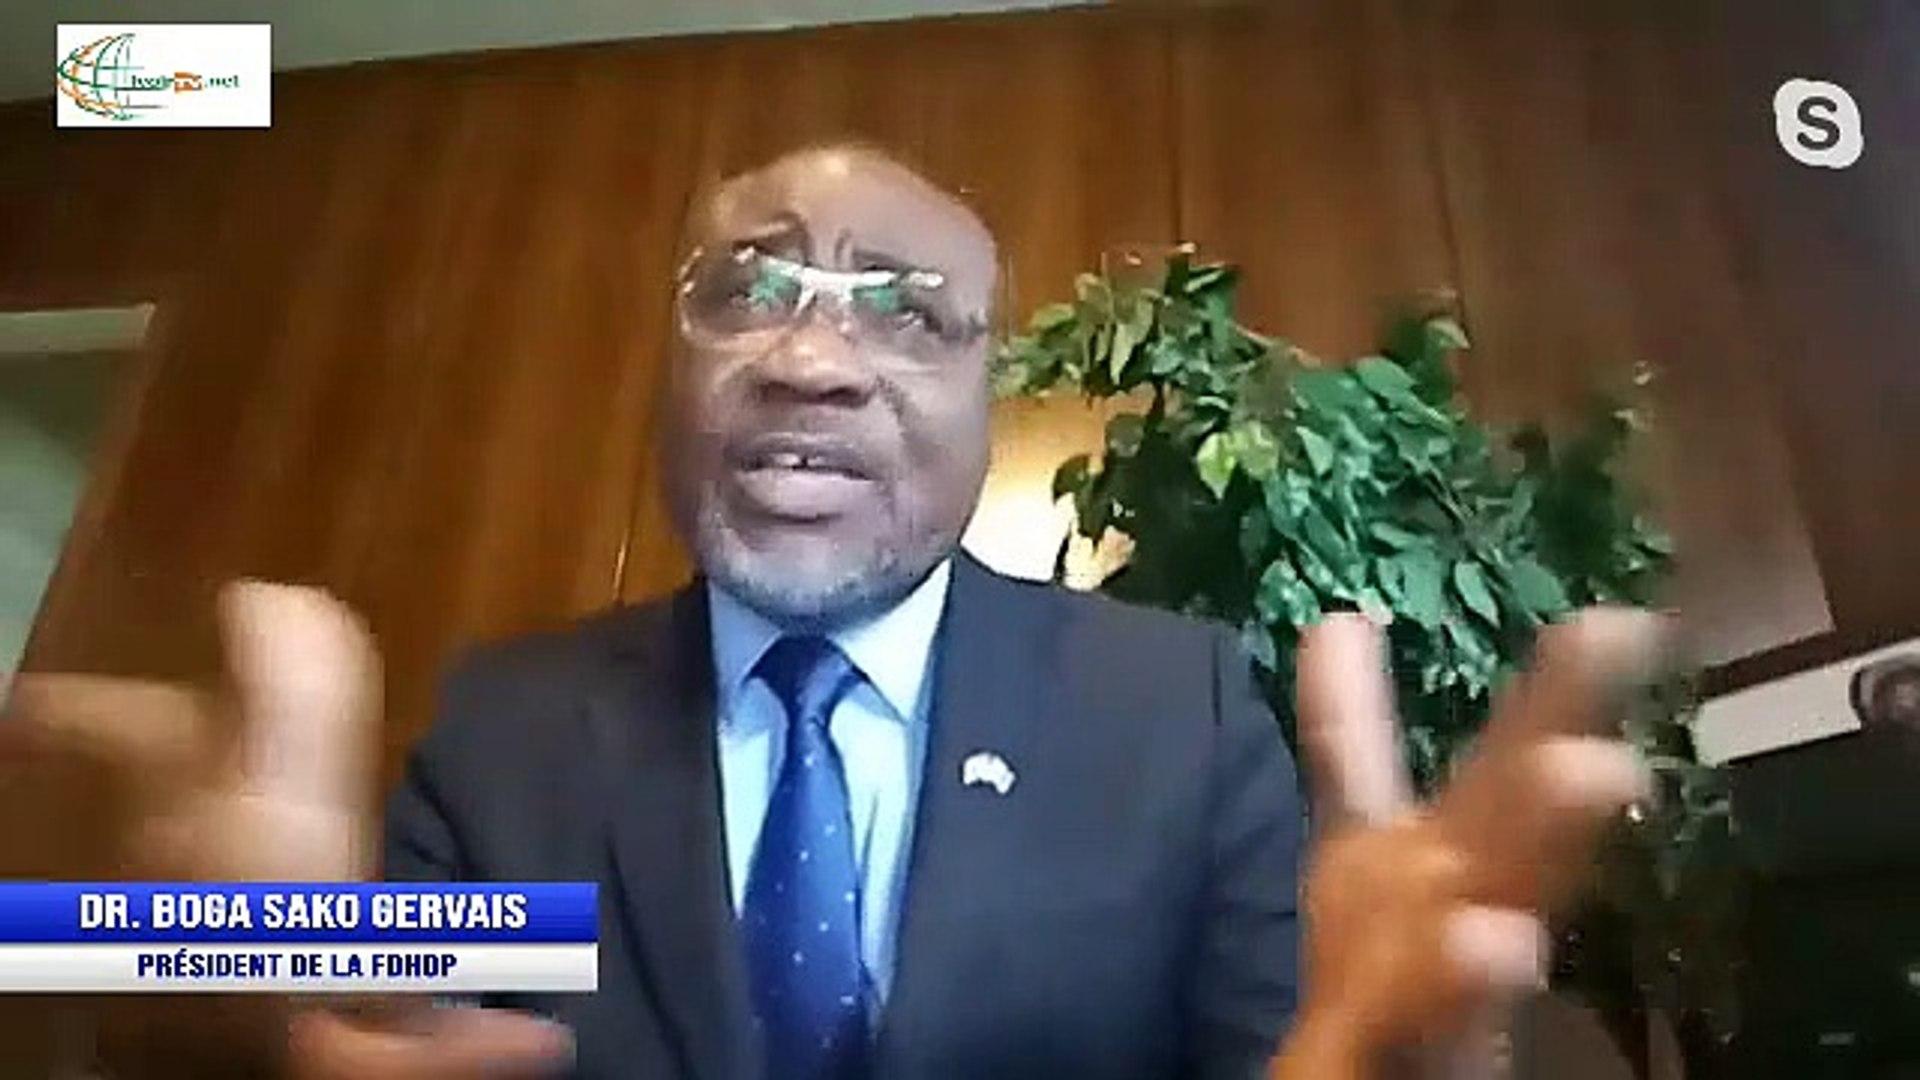 Remaniement ministériel en Côte d'Ivoire : Dr. BOGA Sako Gervais attaque le régime  de front